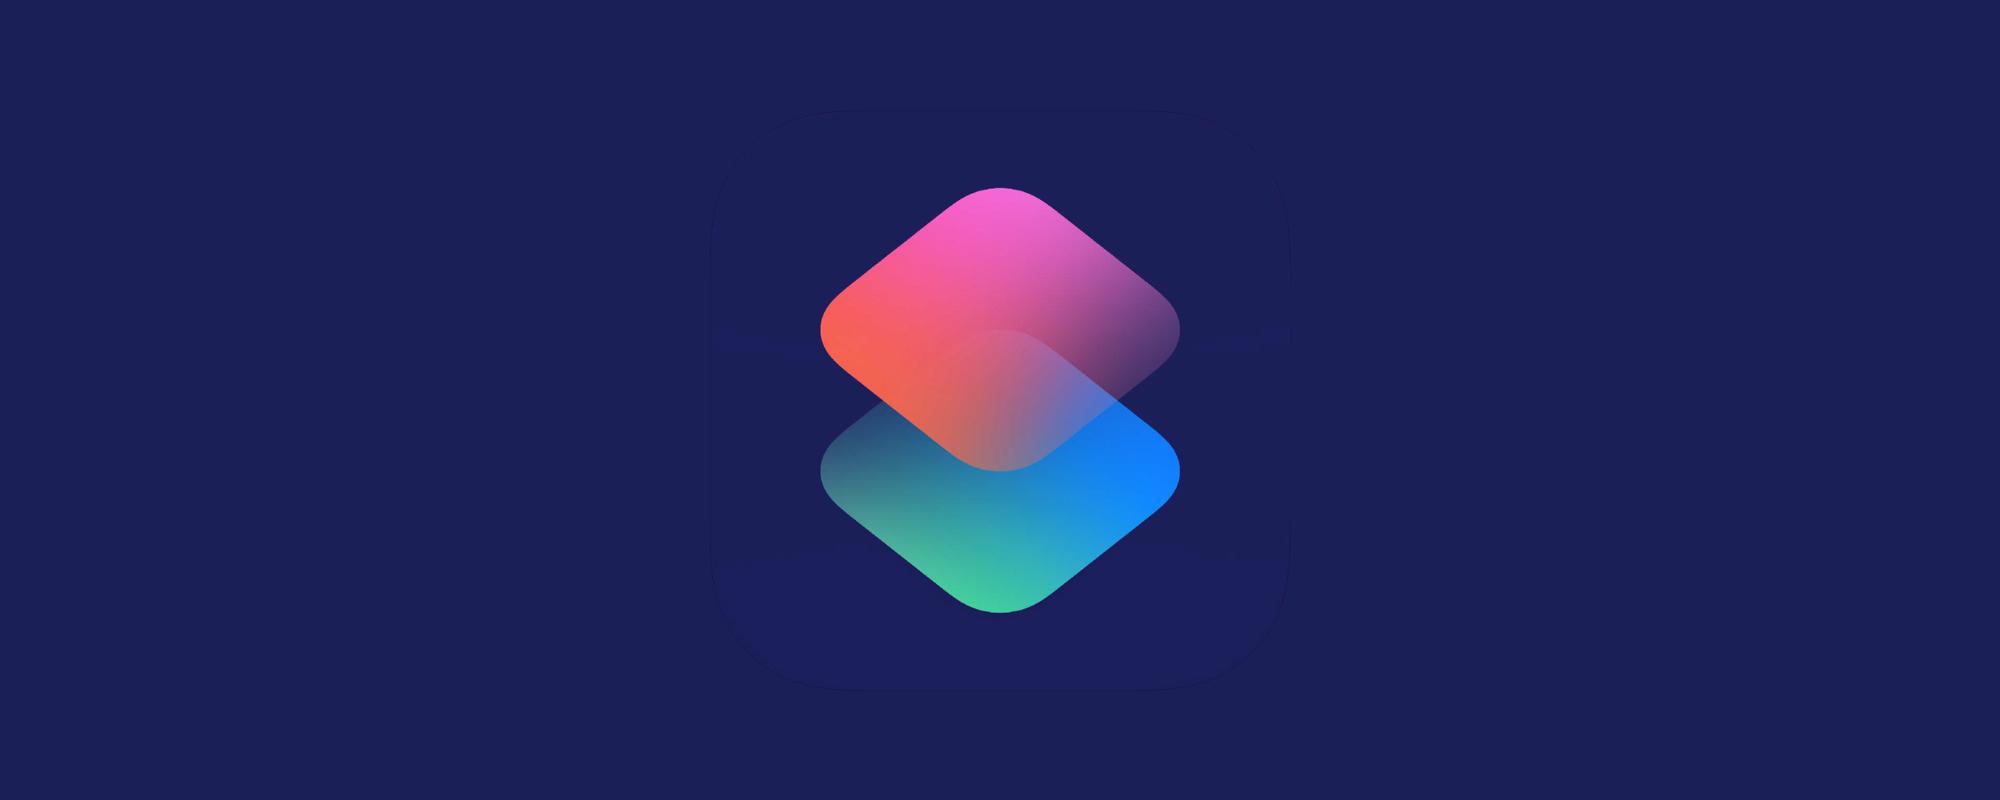 Mes meilleurs shortcuts iOS (fin 2020)